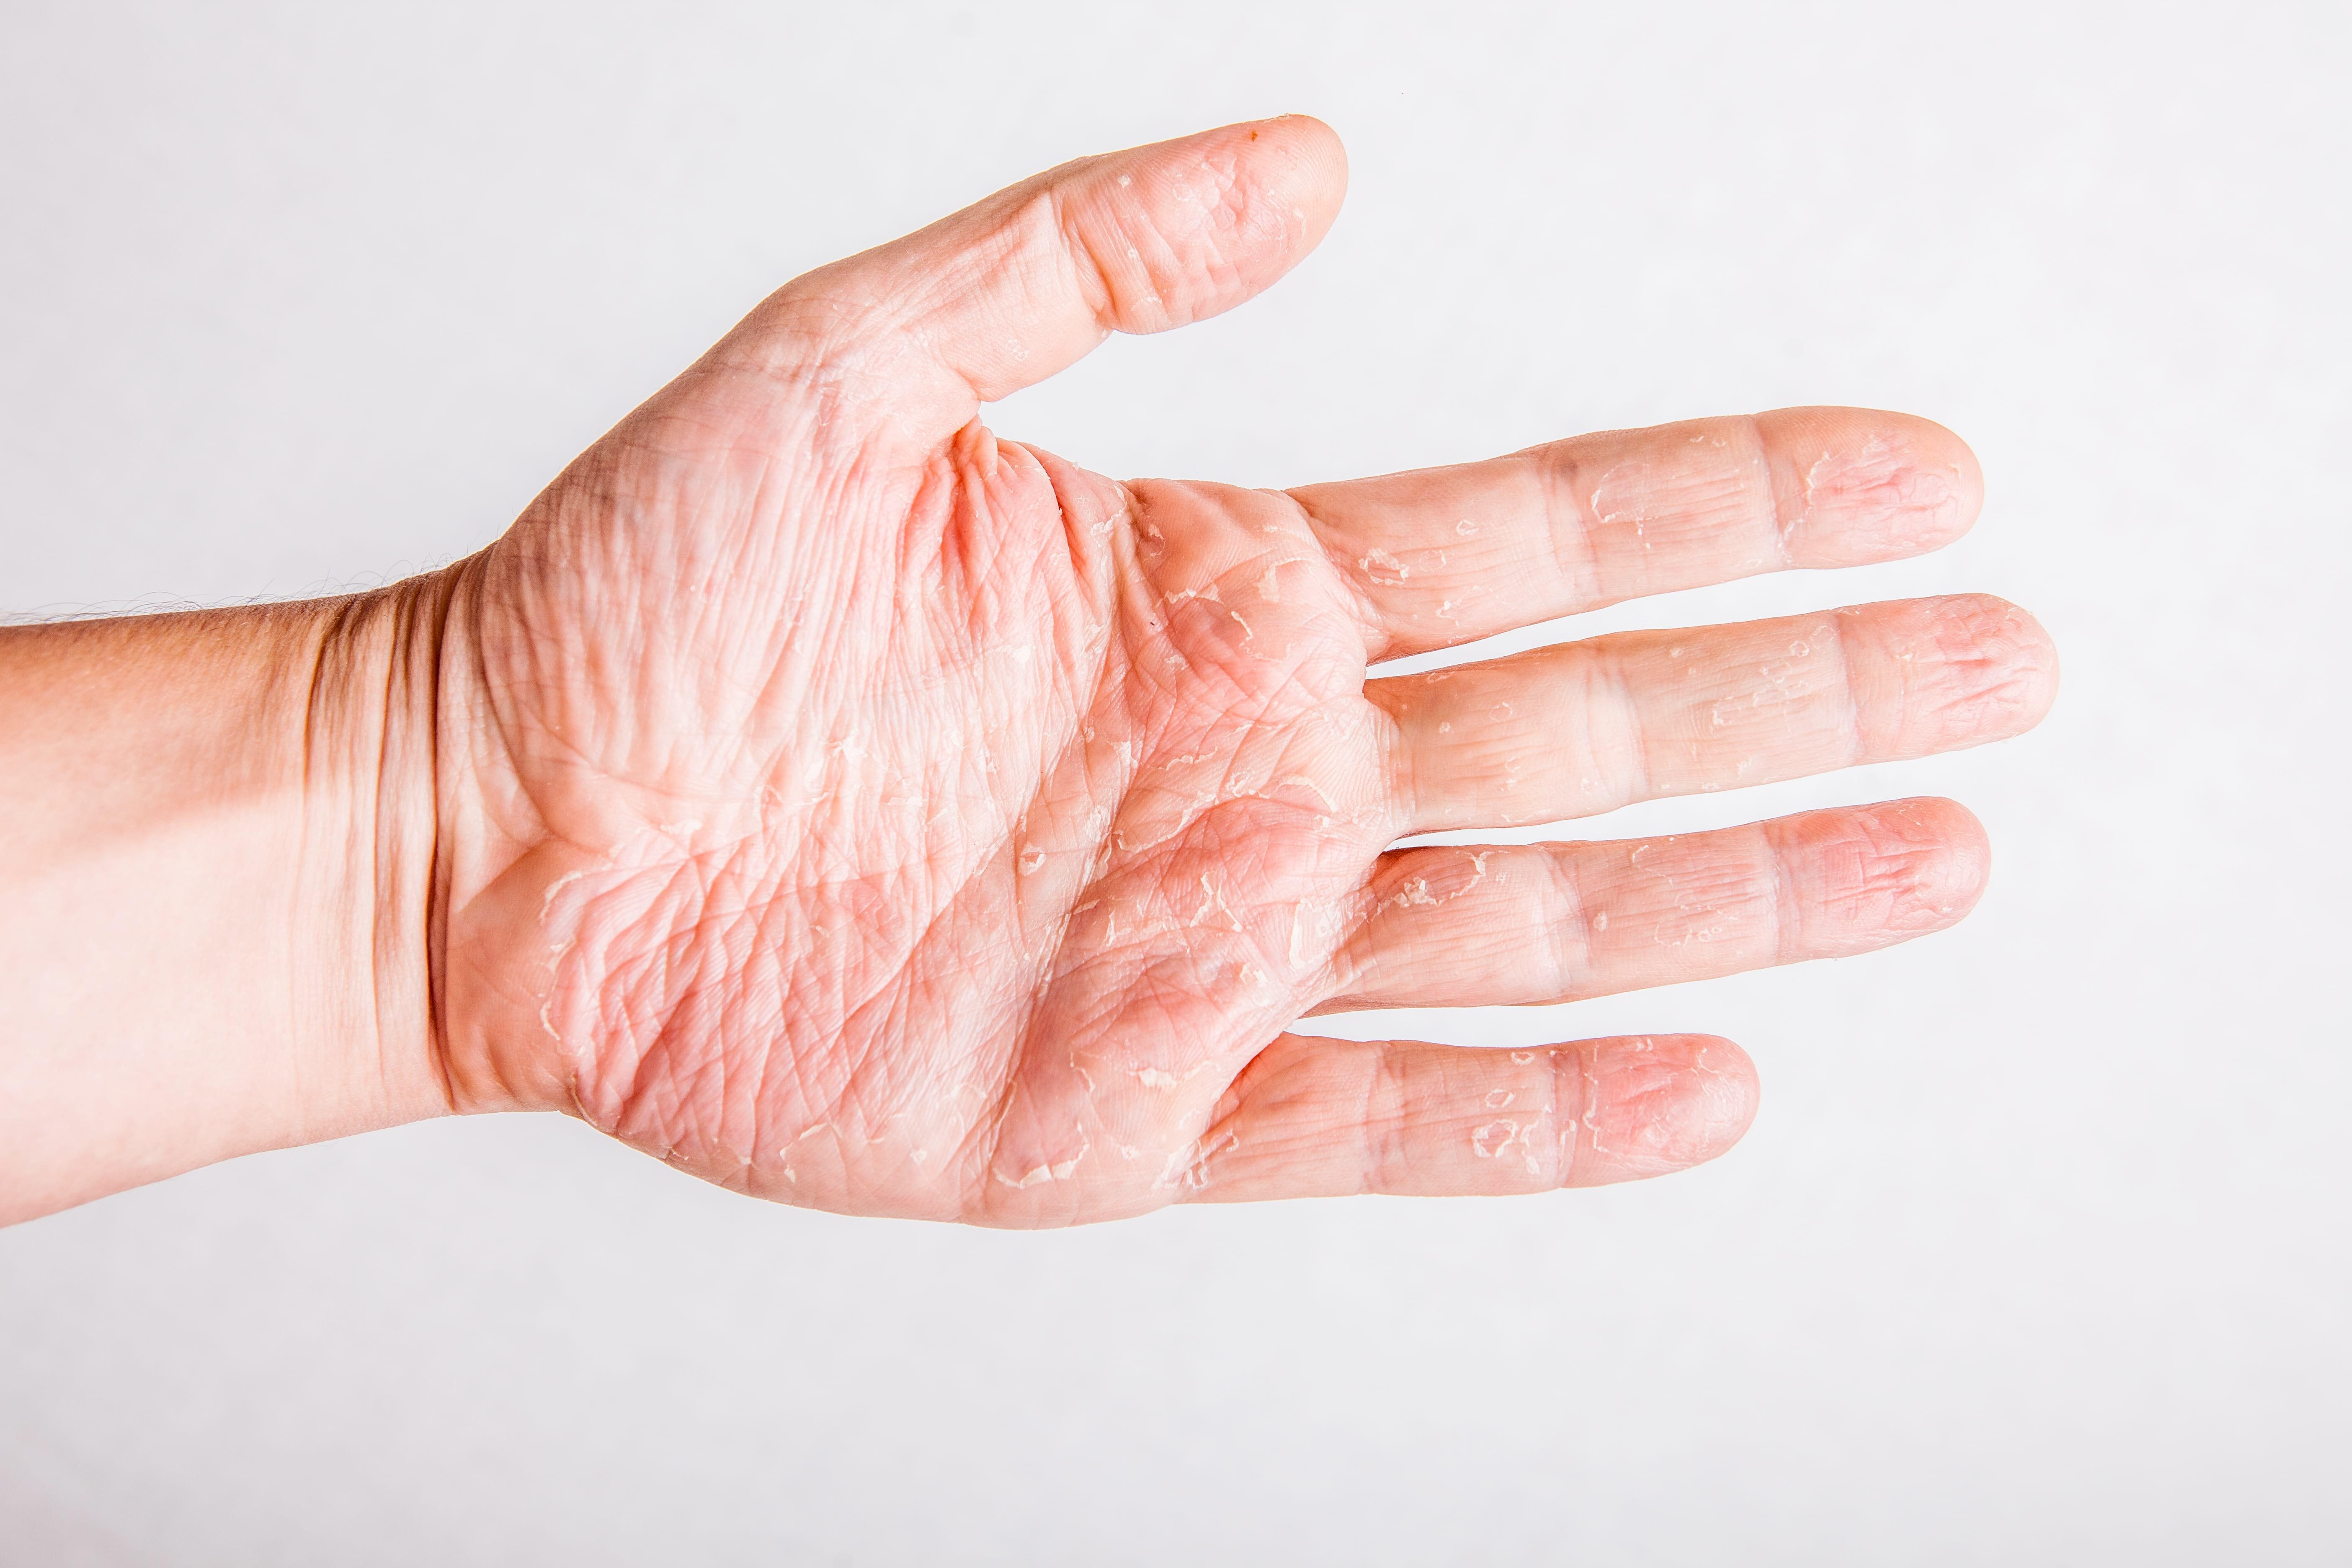 vandallergi på hænder